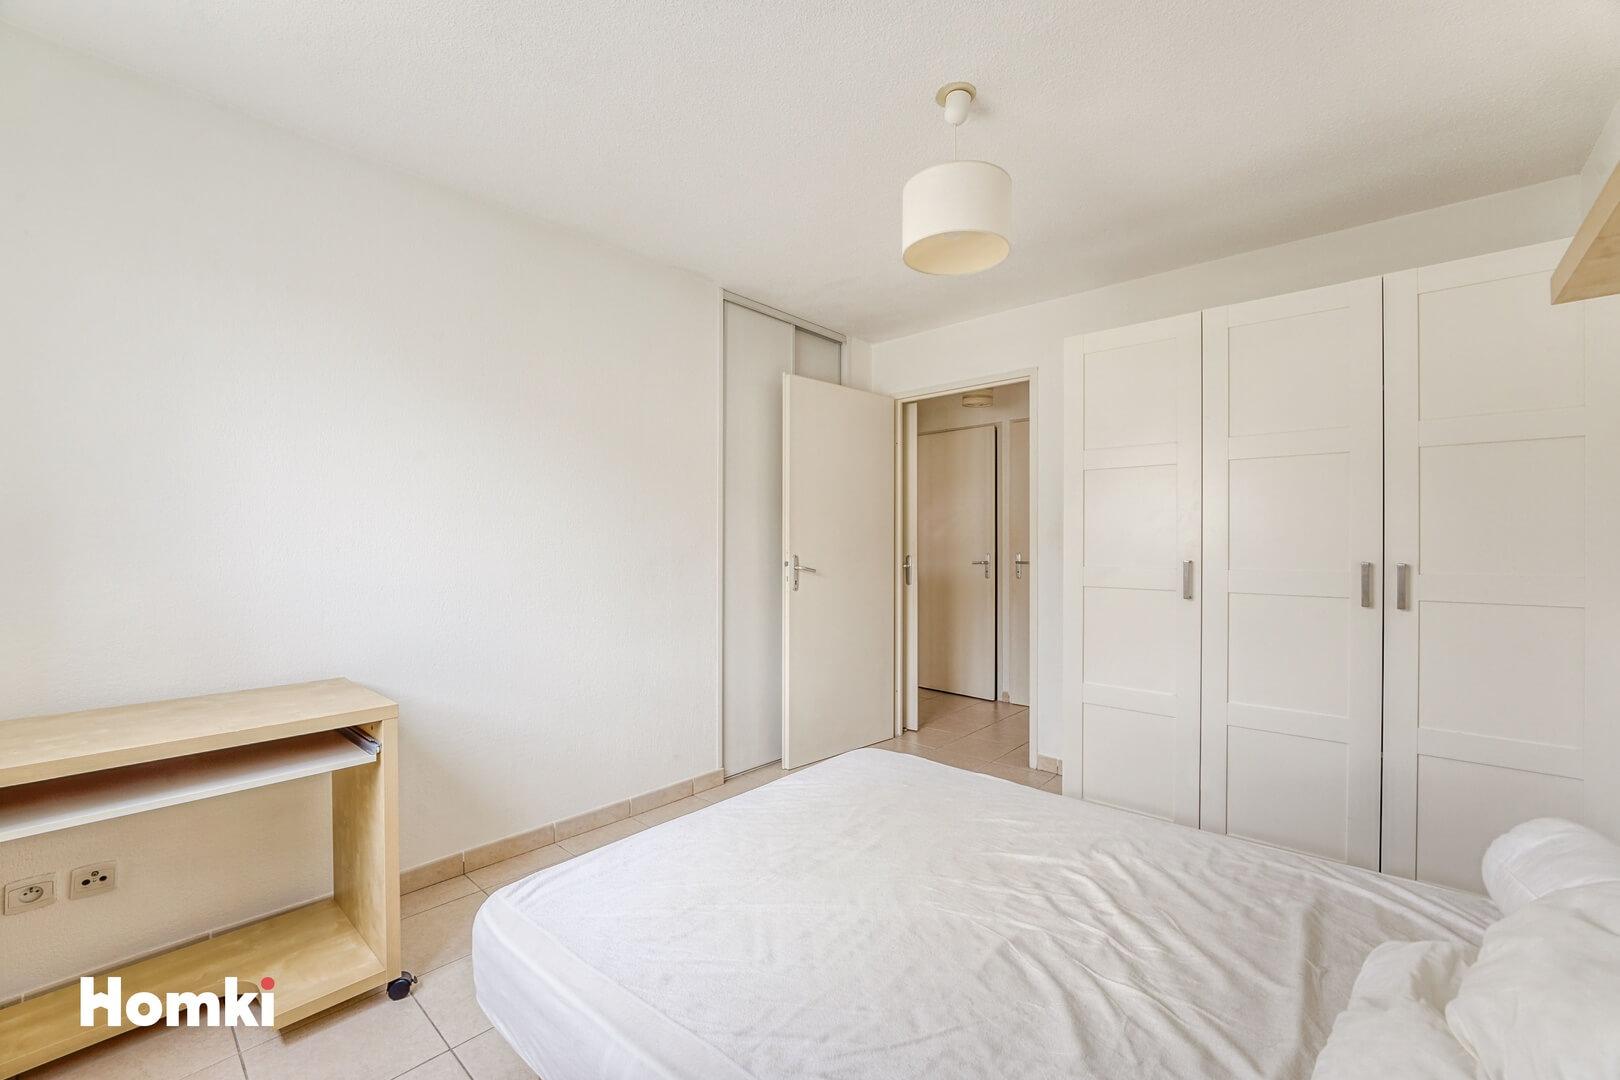 Homki - Vente Appartement  de 44.0 m² à Marseille 13014